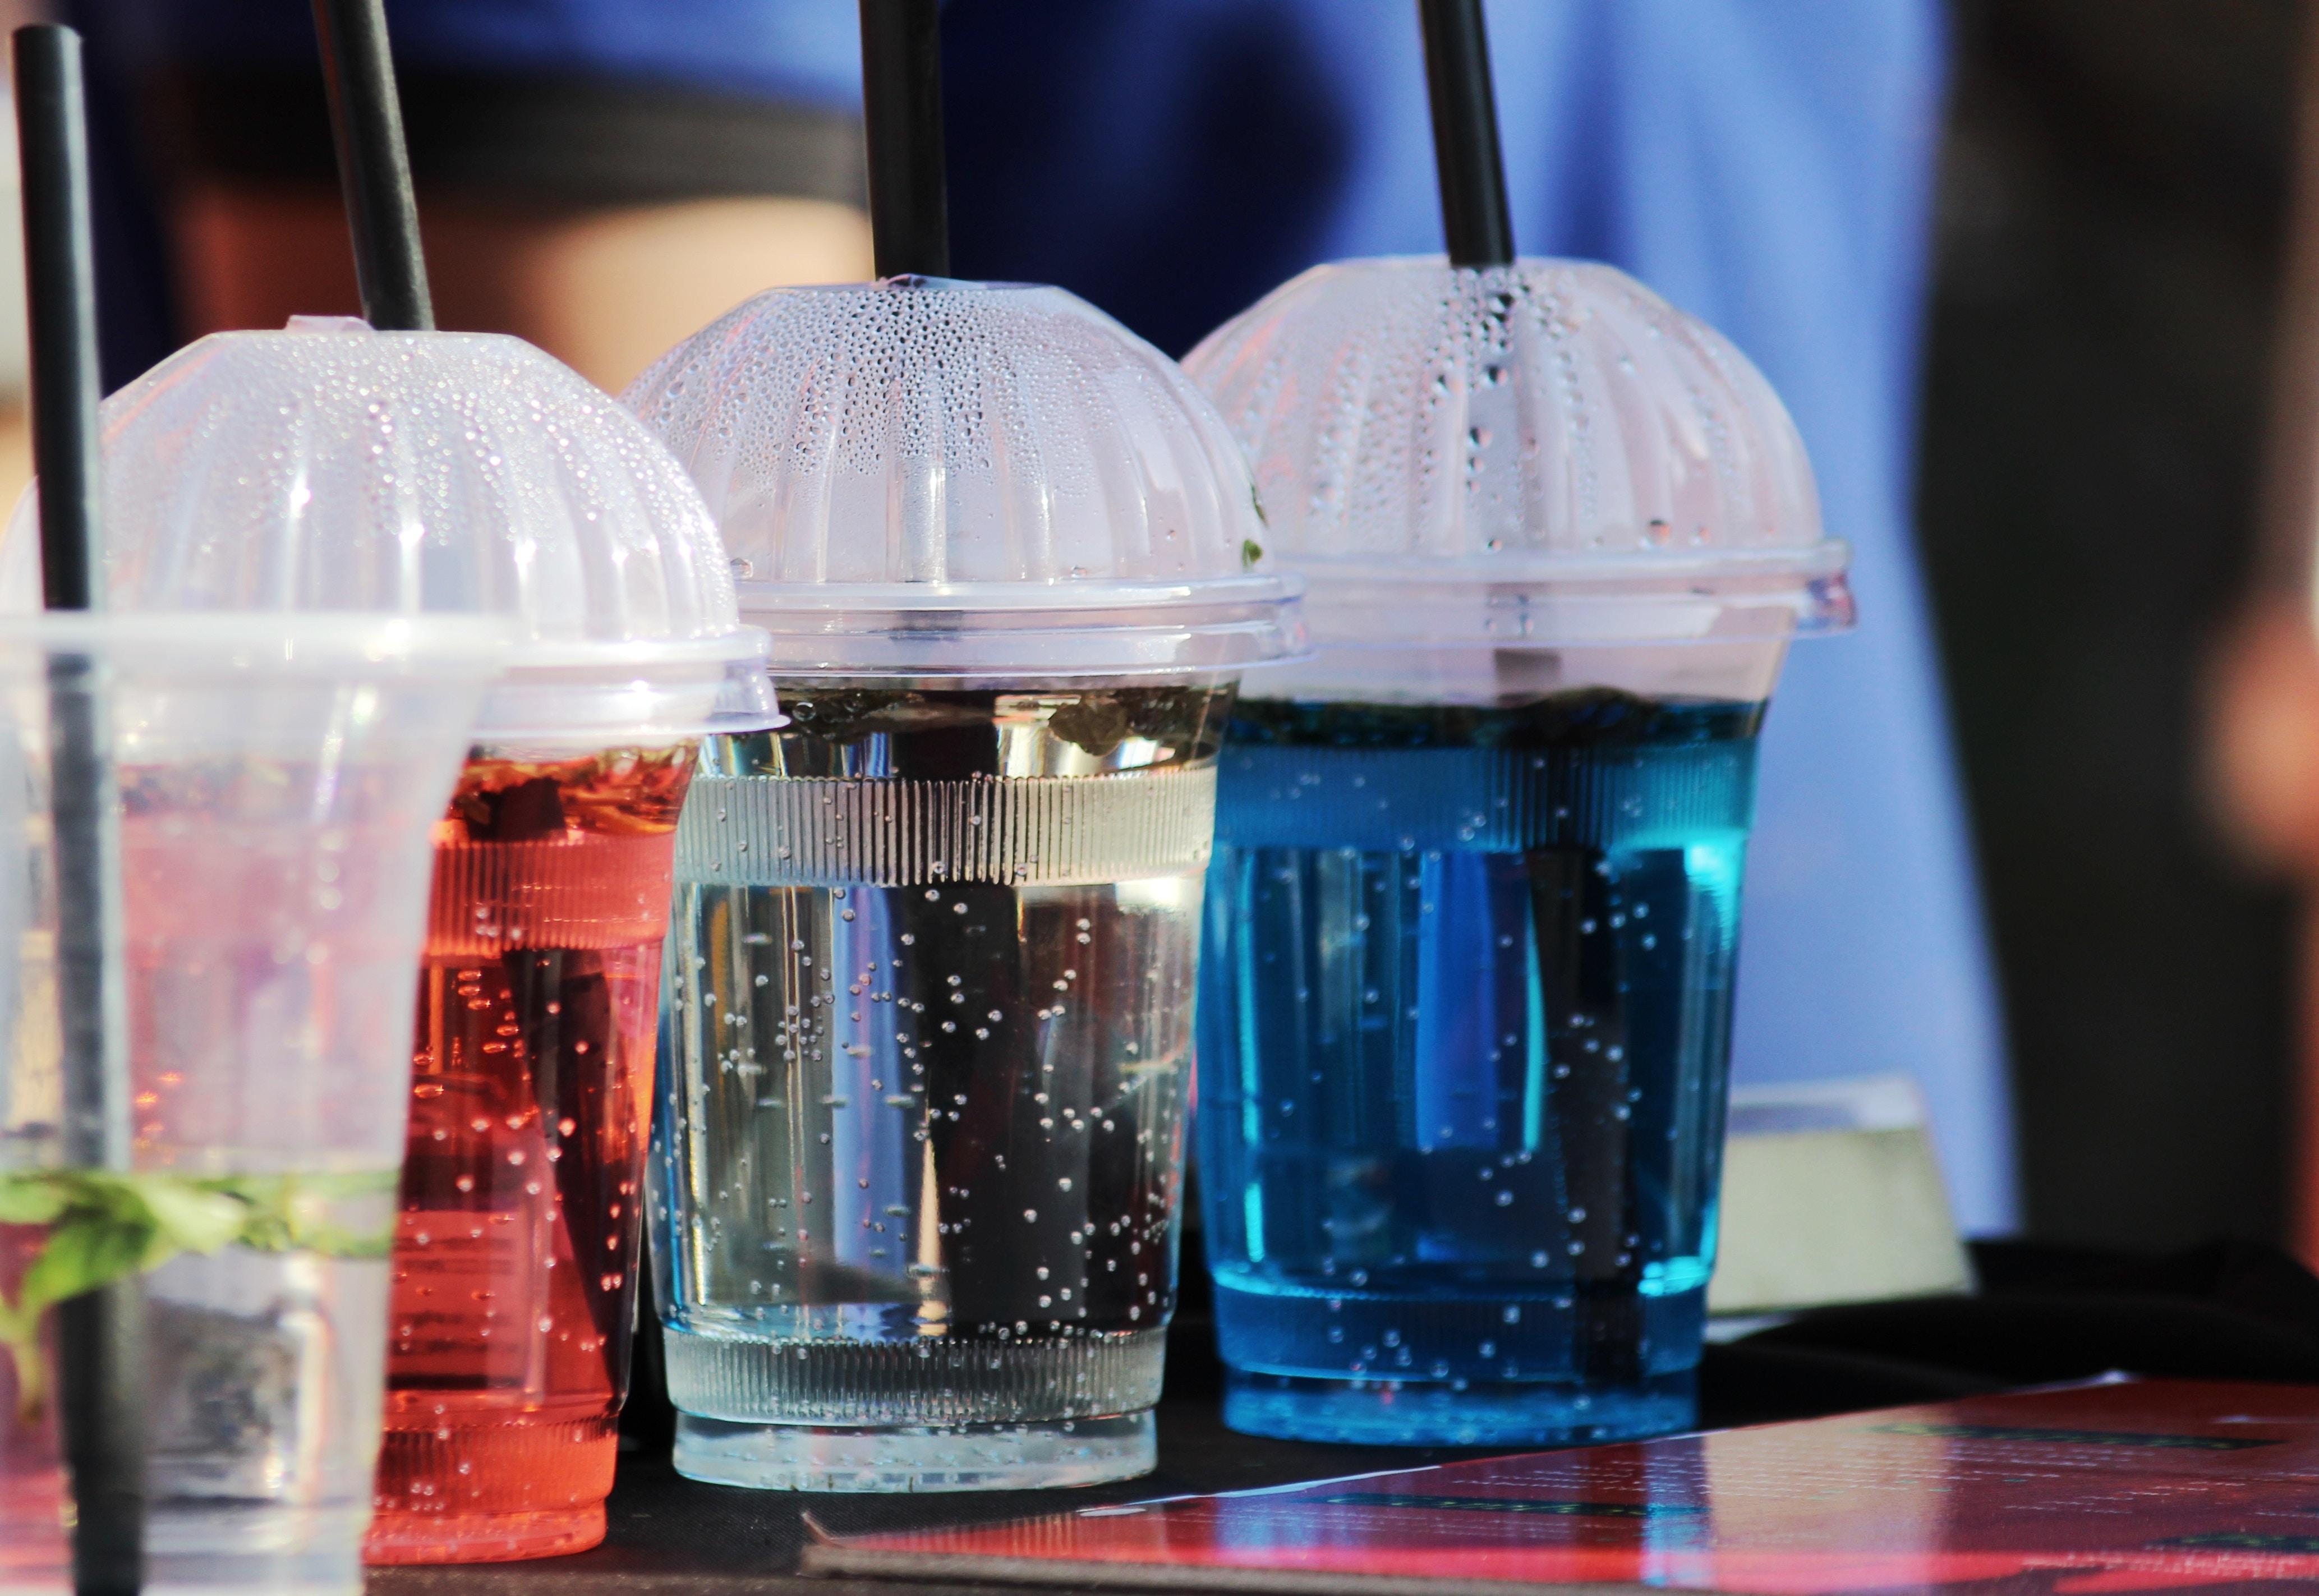 世界で拡大するプラスチック規制が商機に? 広がる代替素材